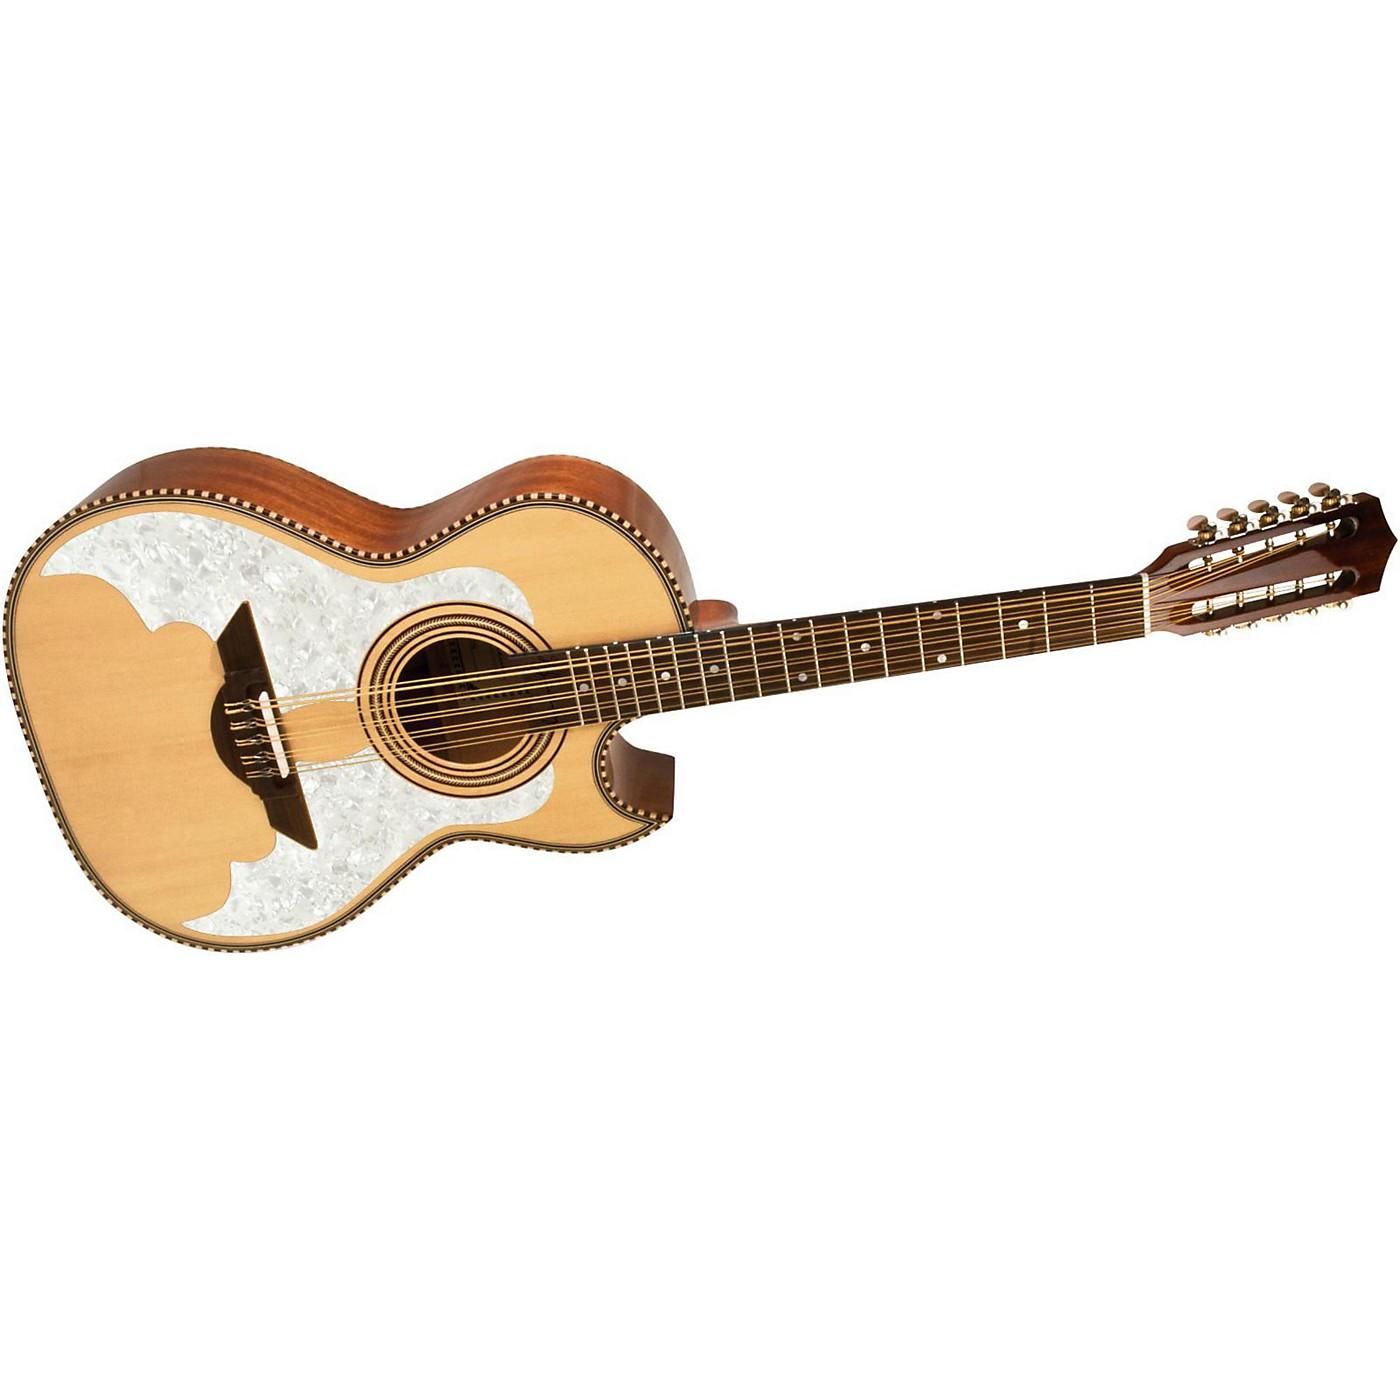 H. Jimenez LBQ3 El Murcielago (The Bat) Full Body Bajo Quinto Acoustic Guitar thumbnail